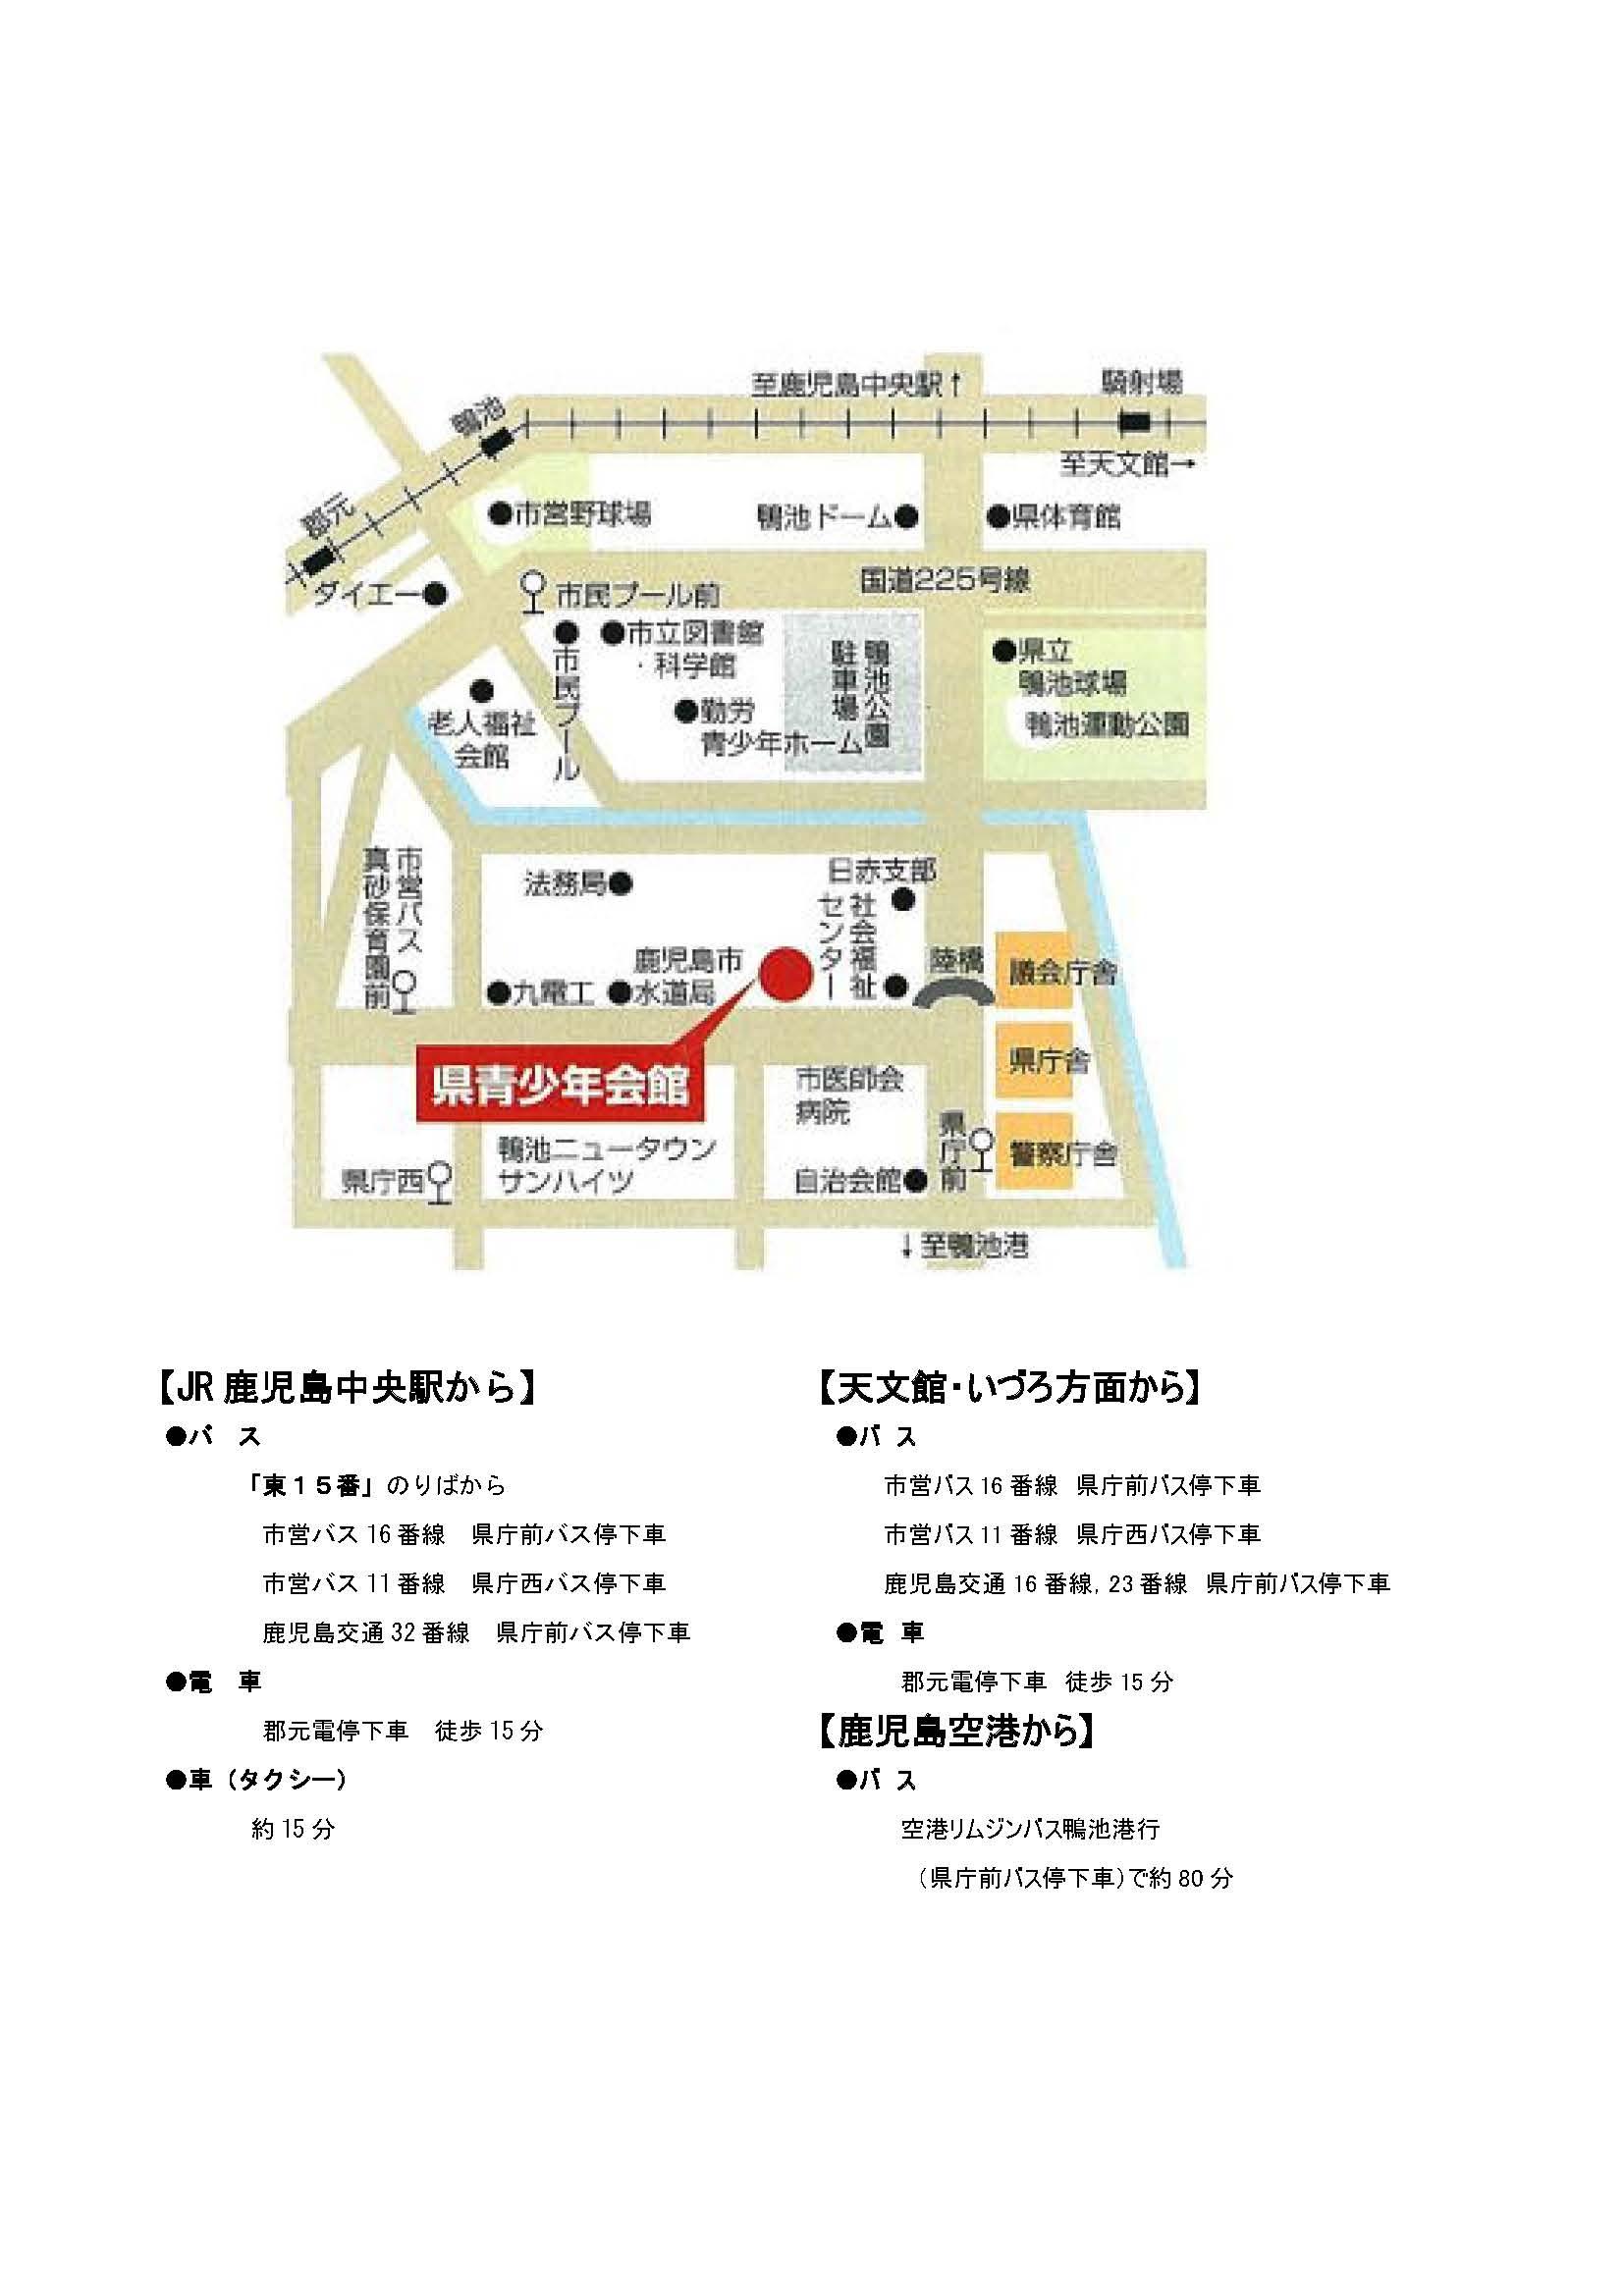 鹿児島県青少年会館案内図